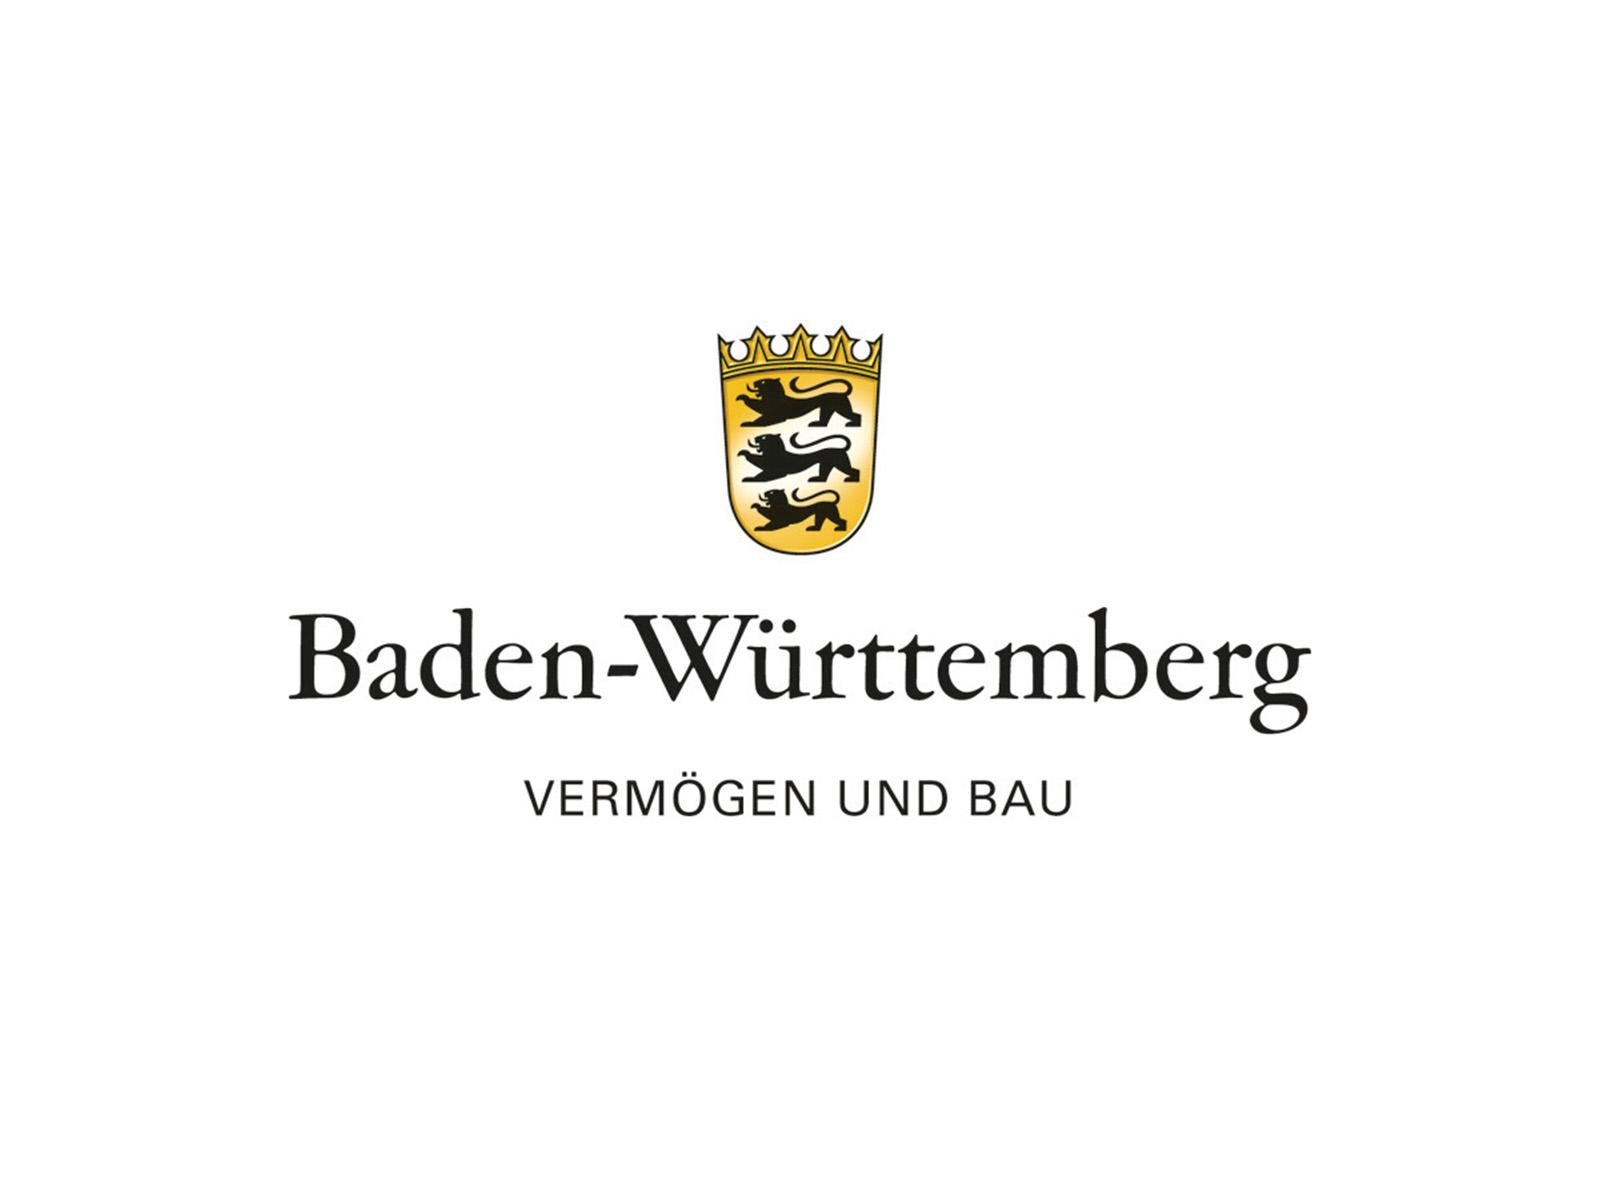 Landesbetrieb-Vermoegen-und-Bau-Baden-Wuerttemberg-01